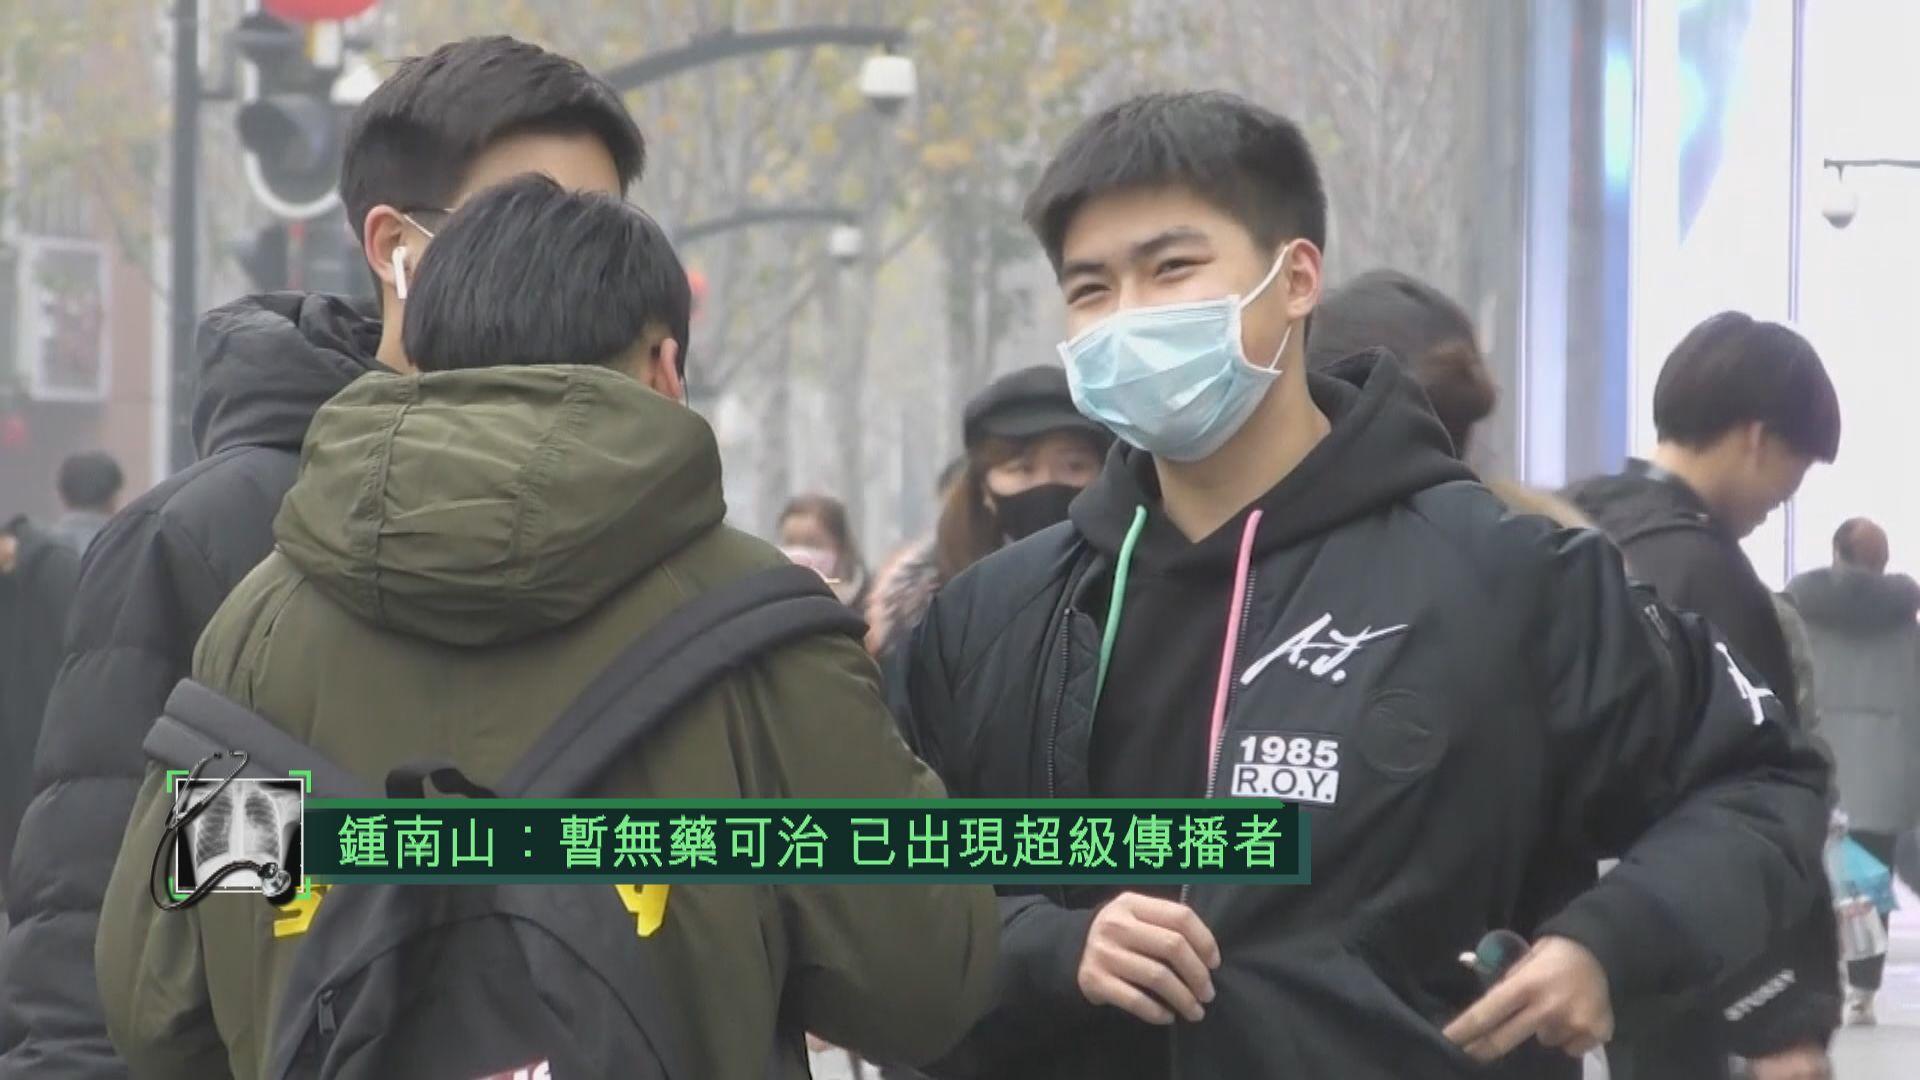 鍾南山:武漢感染多名醫護患者 可被認定為超級傳播者